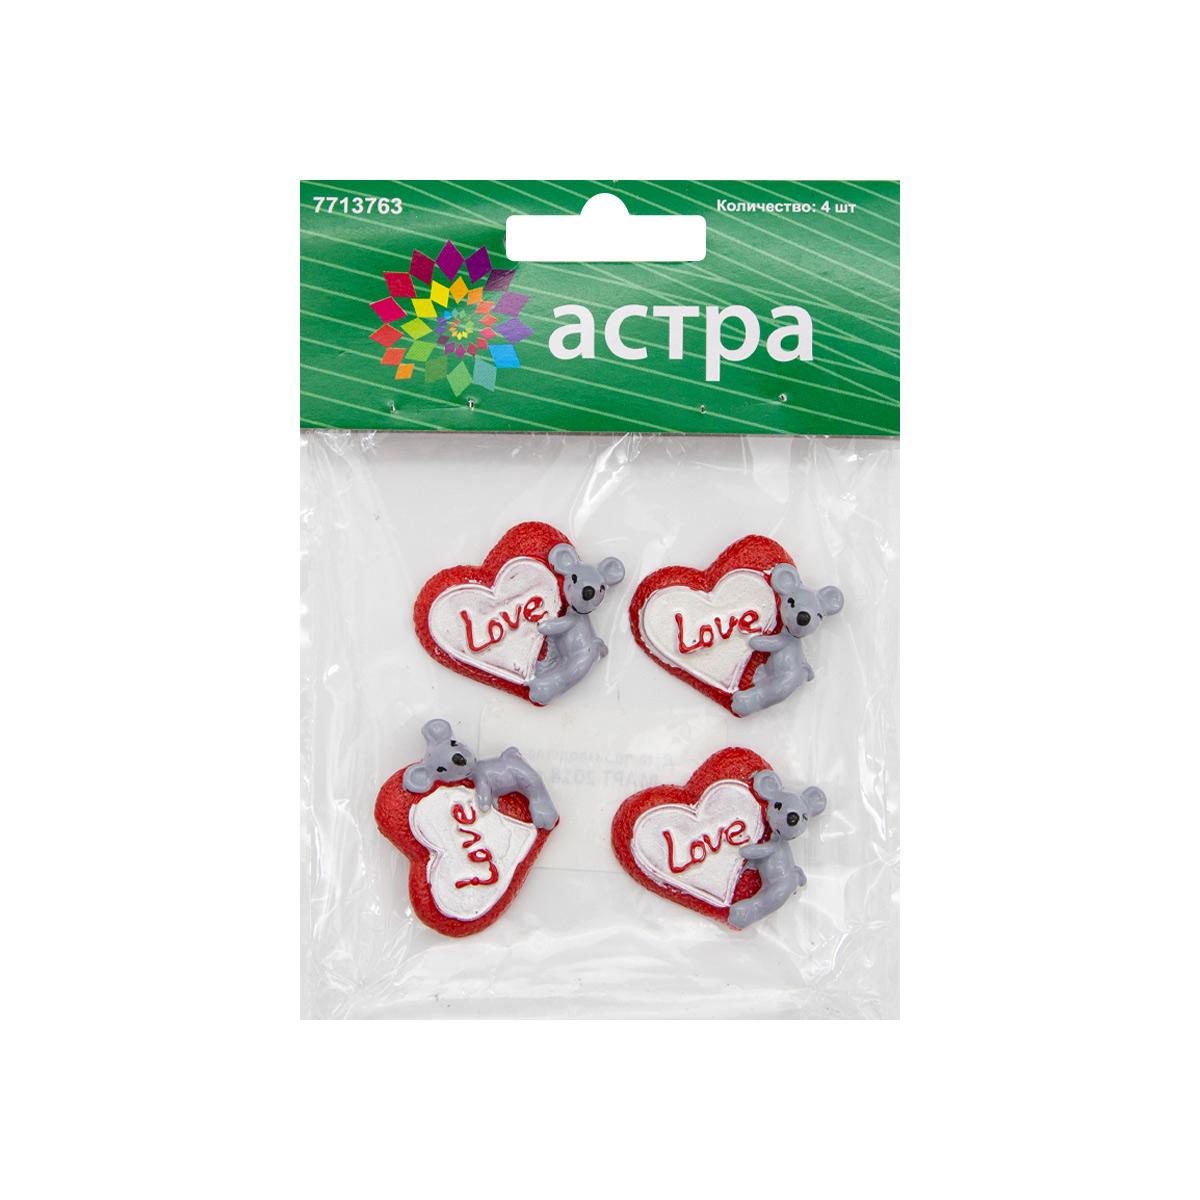 LR15-4594 Объемные фигурки 'Мышка с сердечком' (полимер), 3,5*3 см, упак./4 шт., 'Астра'